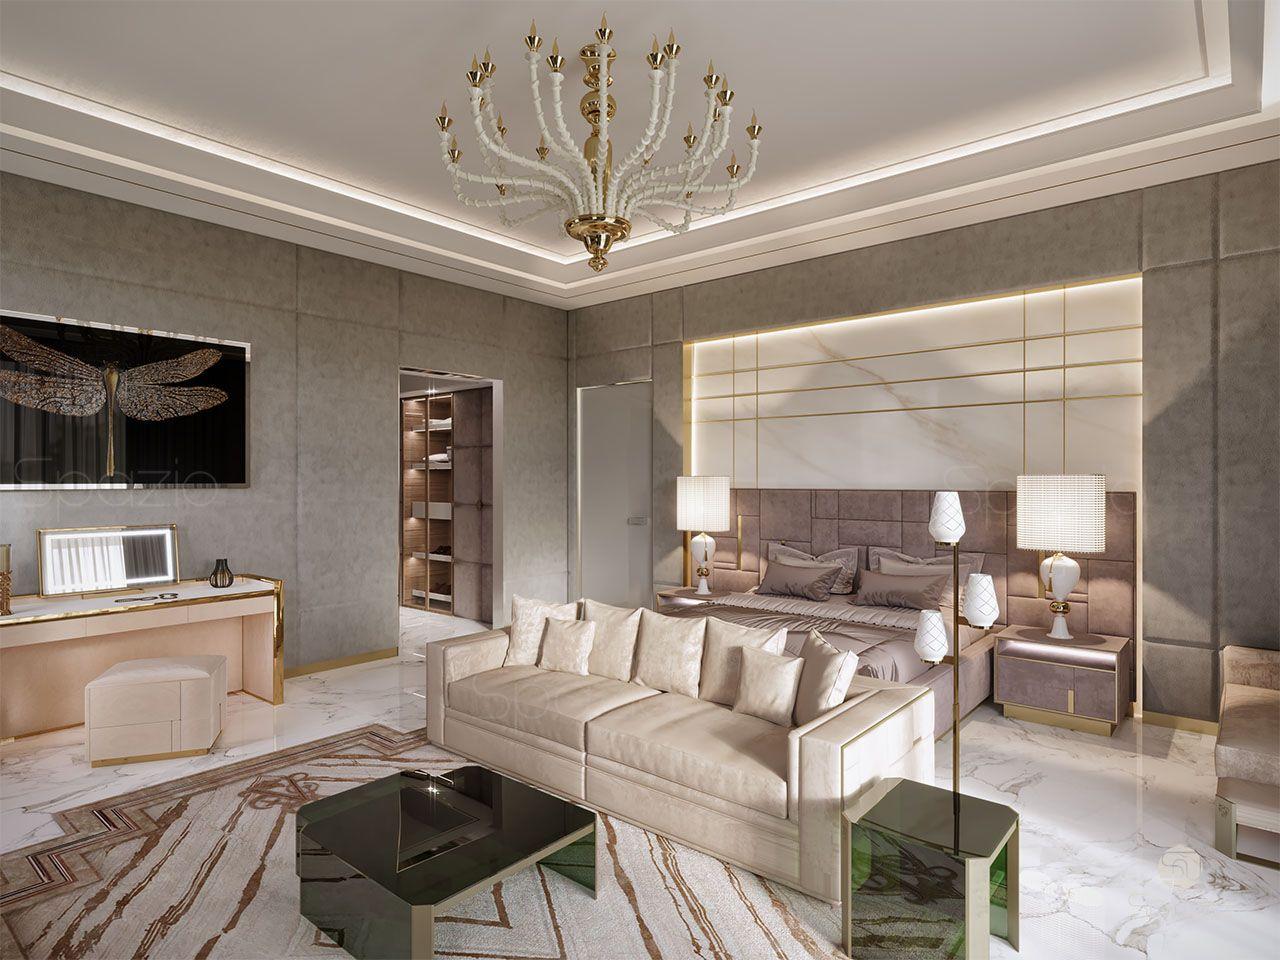 luxury master bedroom design 1